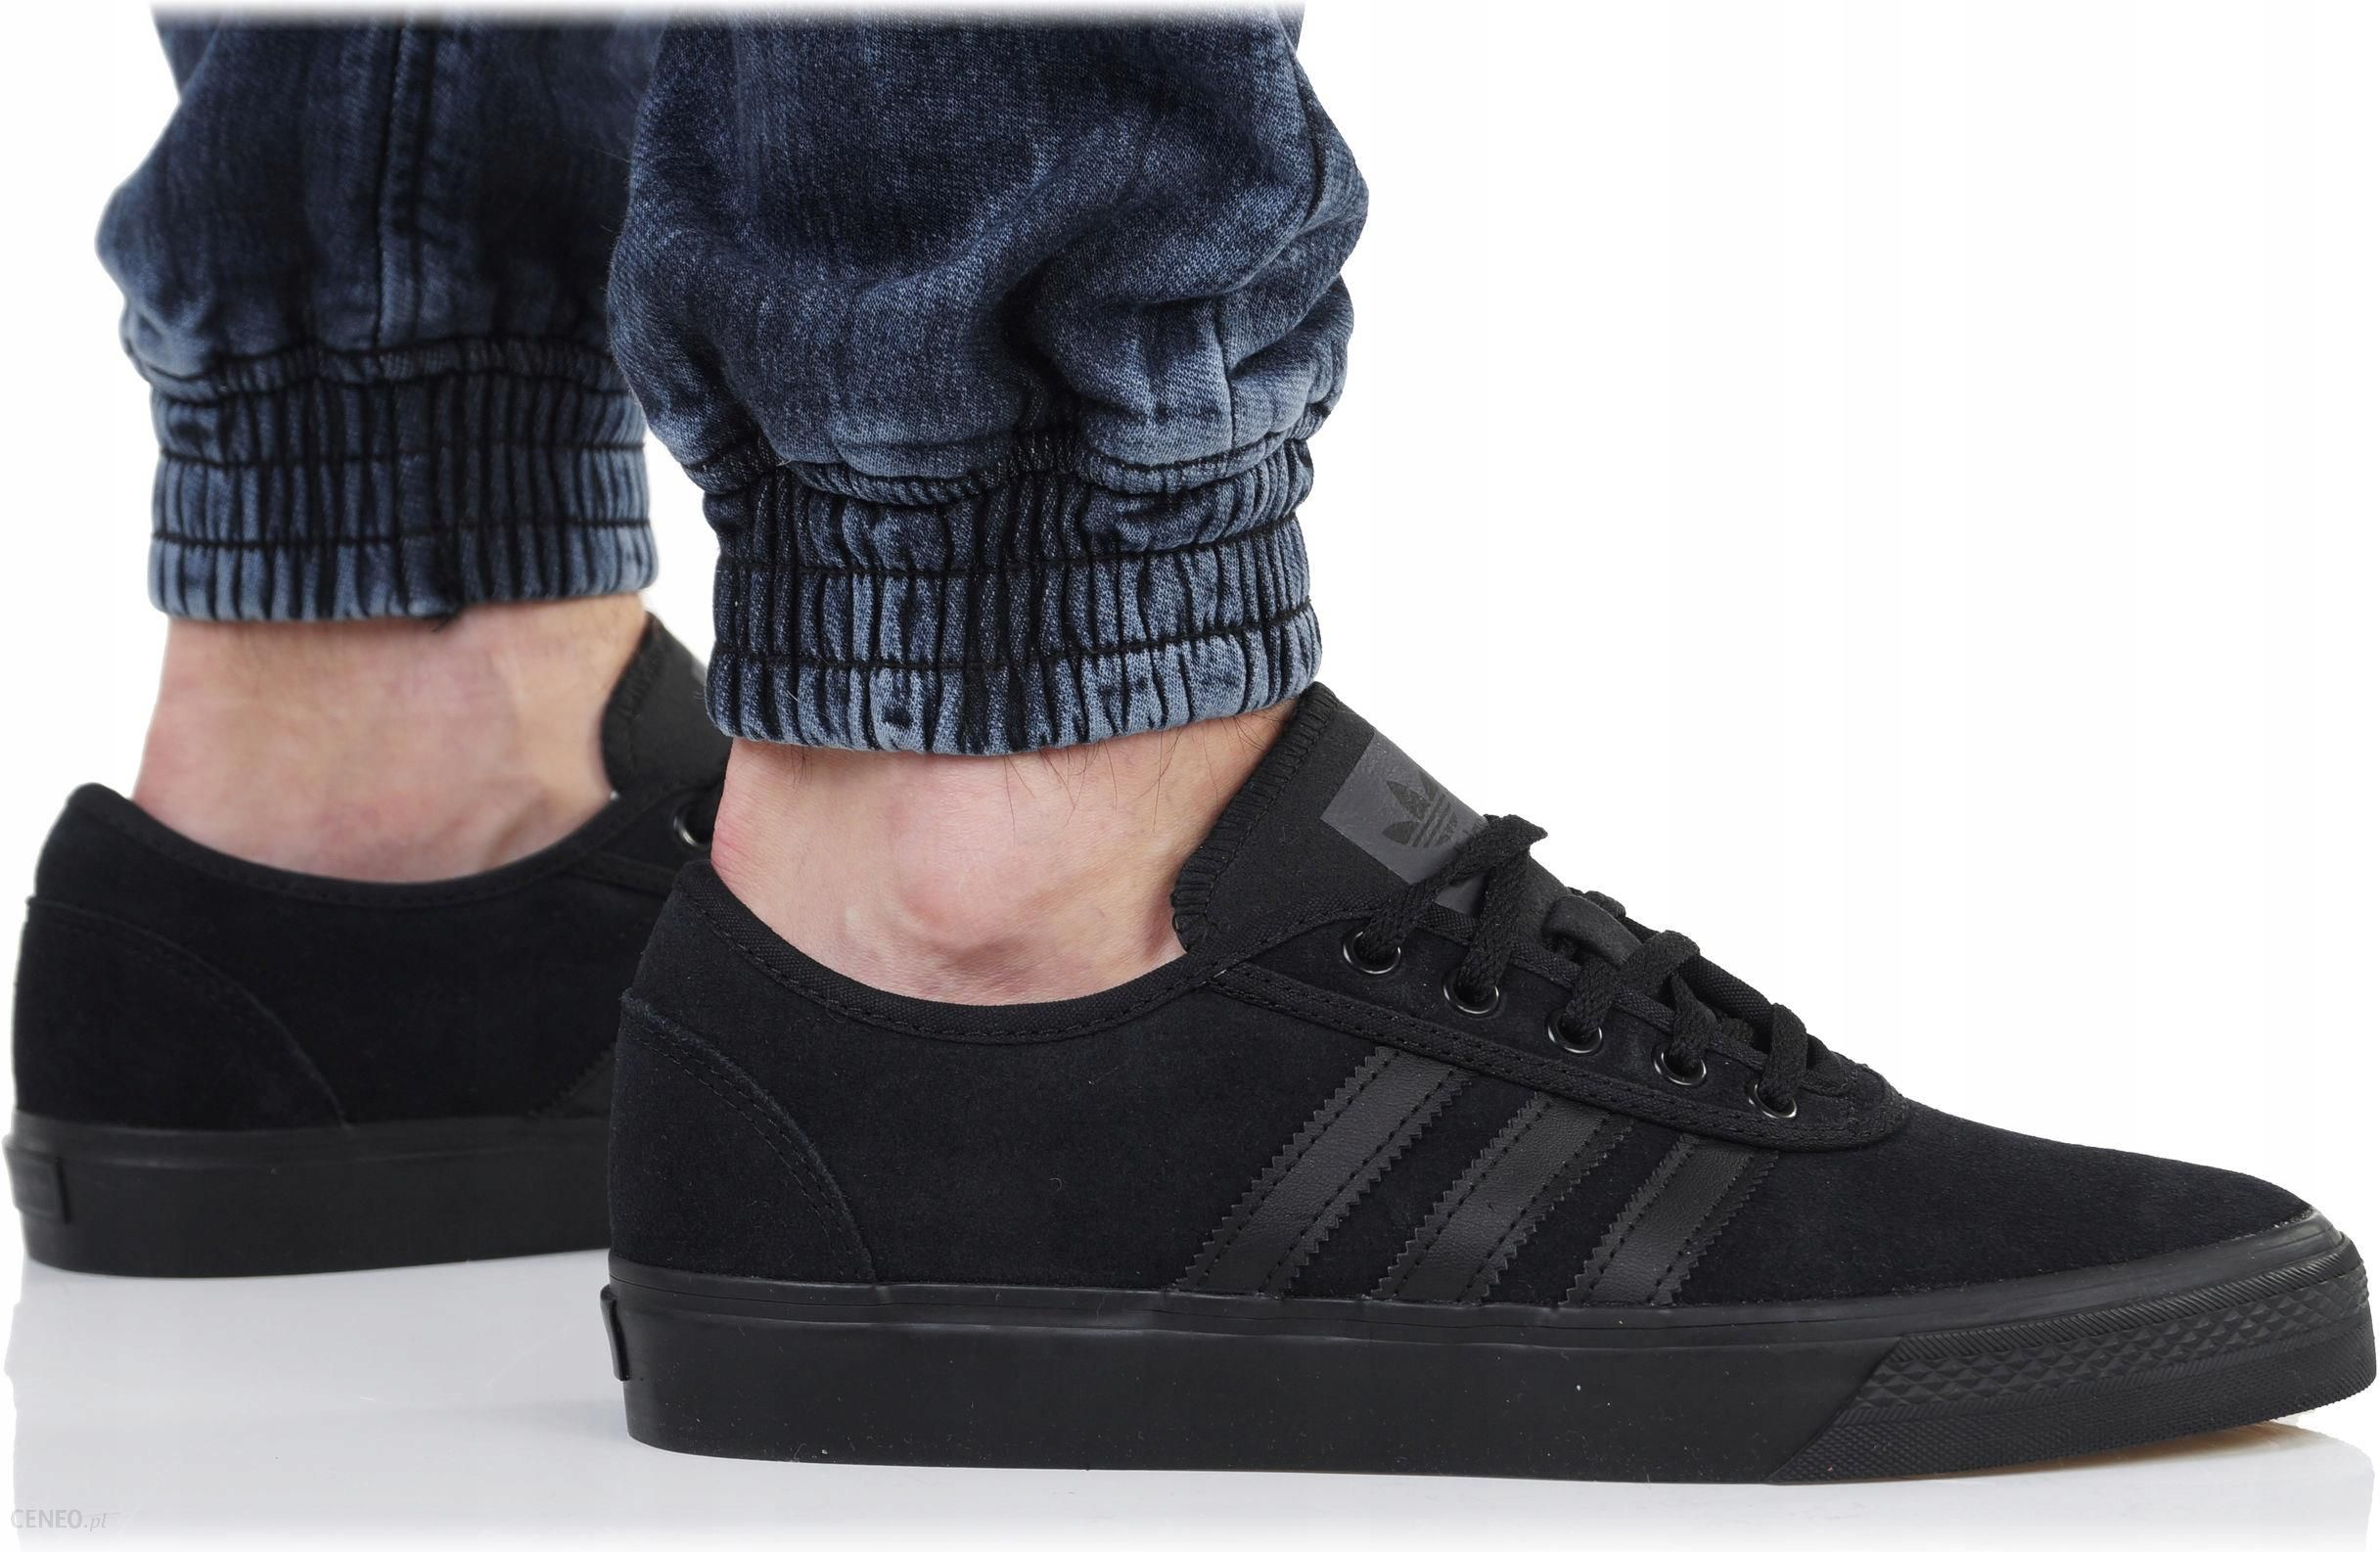 Buty Adidas Męskie Adi ease BY4027 Czarne Trampki Ceny i opinie Ceneo.pl